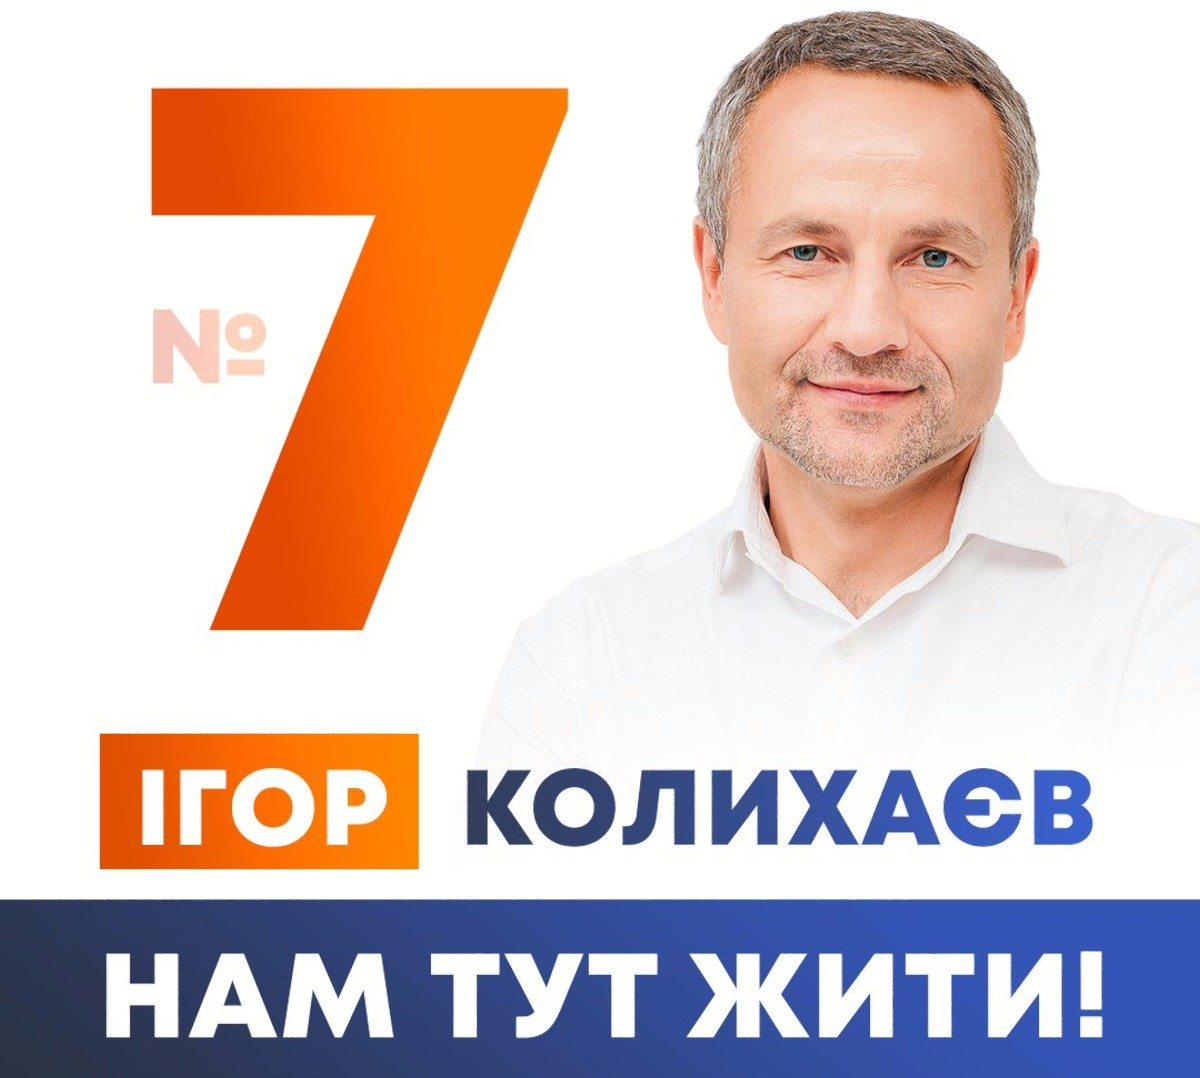 Важливо не допустити фальсифікацій – Ігор Колихаєв